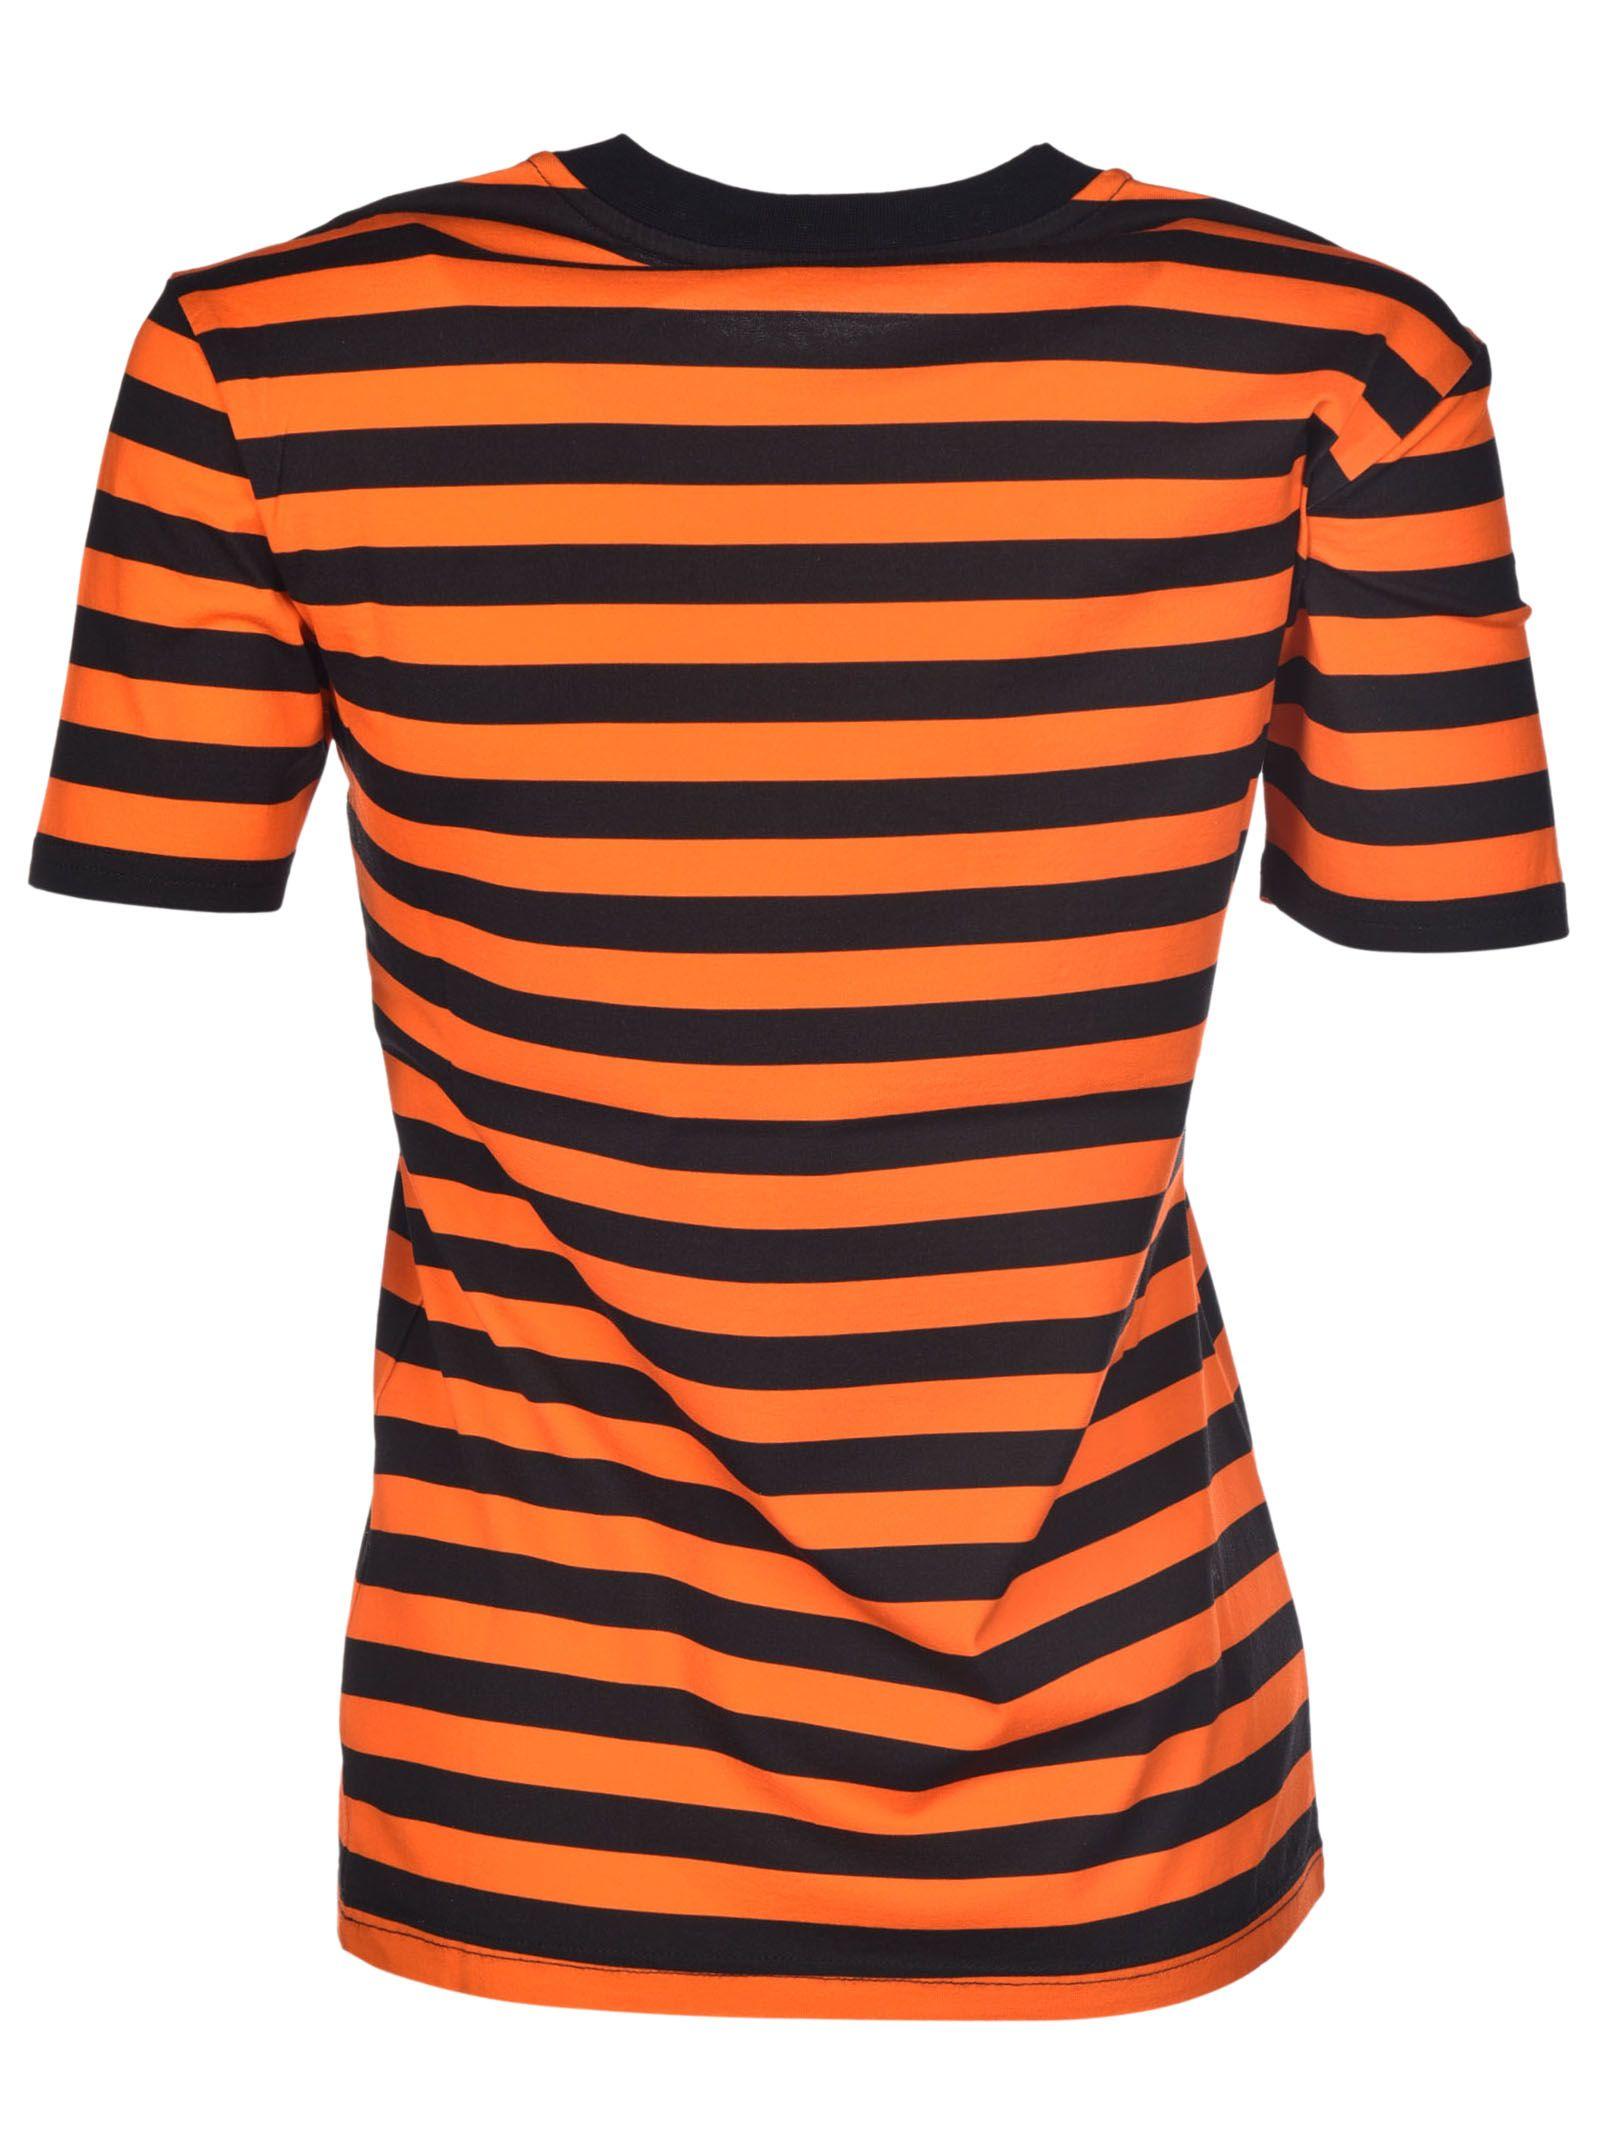 Wonderful Givenchy - Givenchy Striped Flamingo T-Shirt - Orange/Black  MQ28